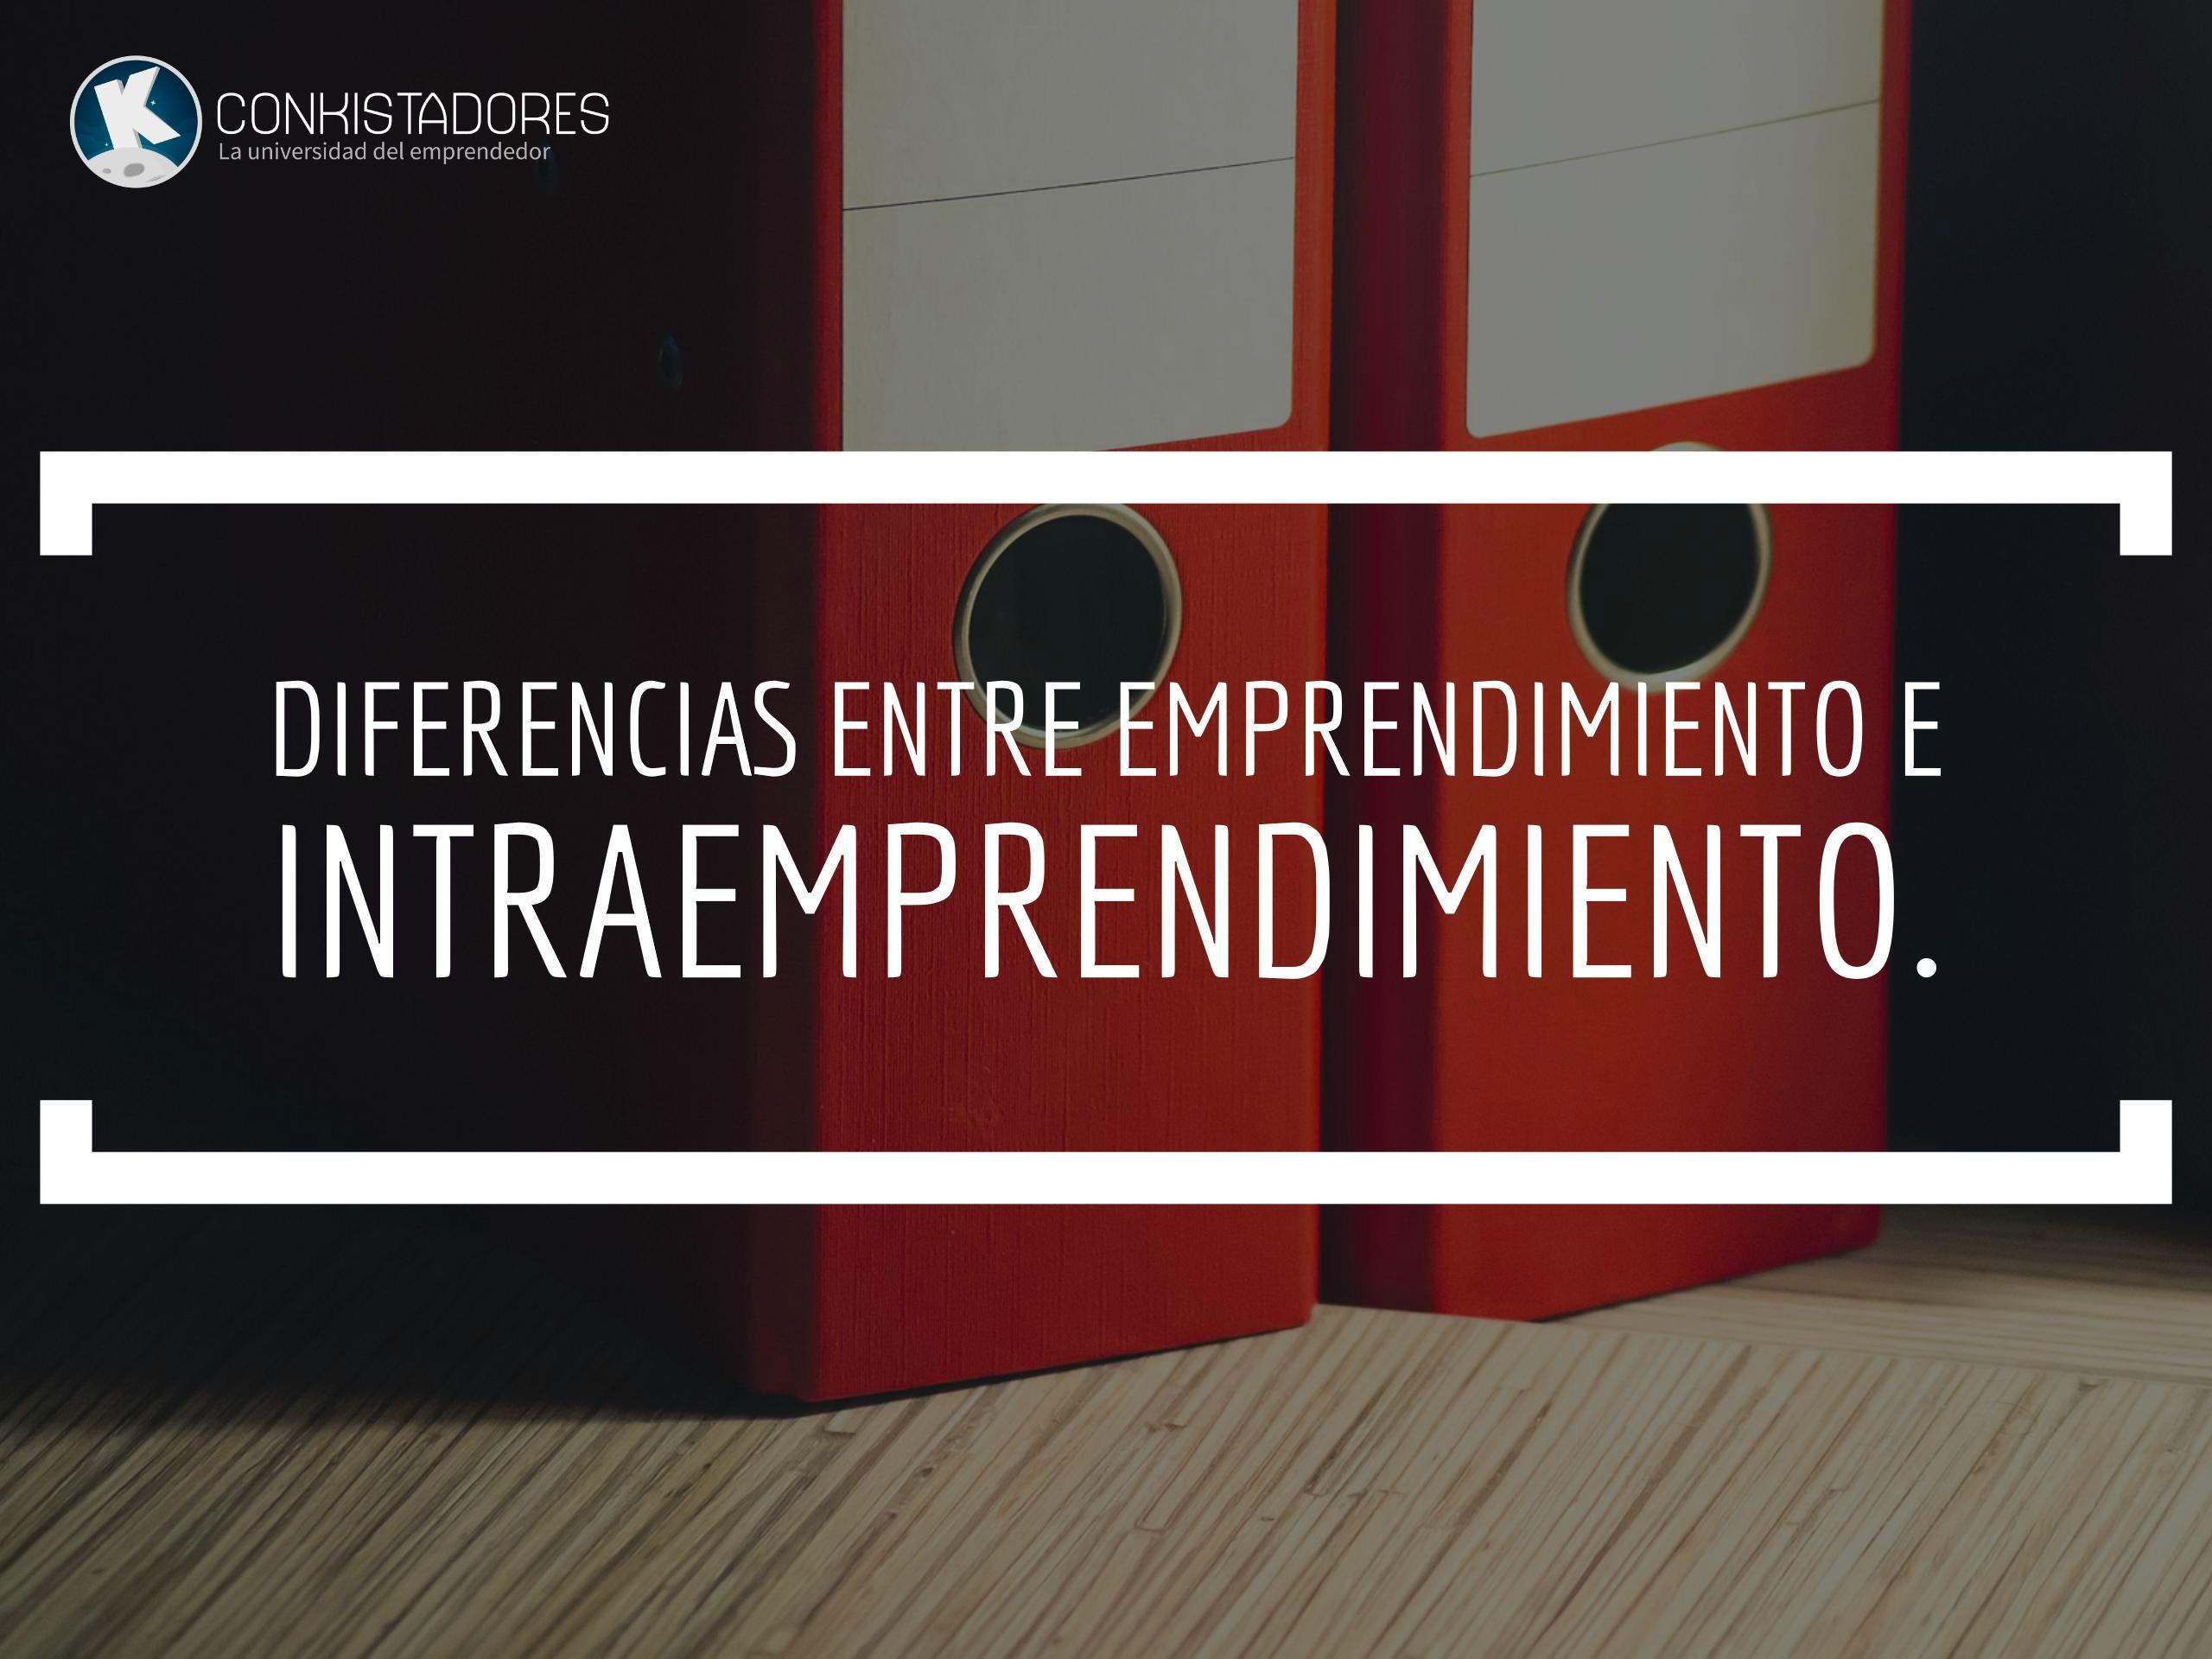 El intraemprendimiento va mucho más allá de tener actitudes emprendedores.